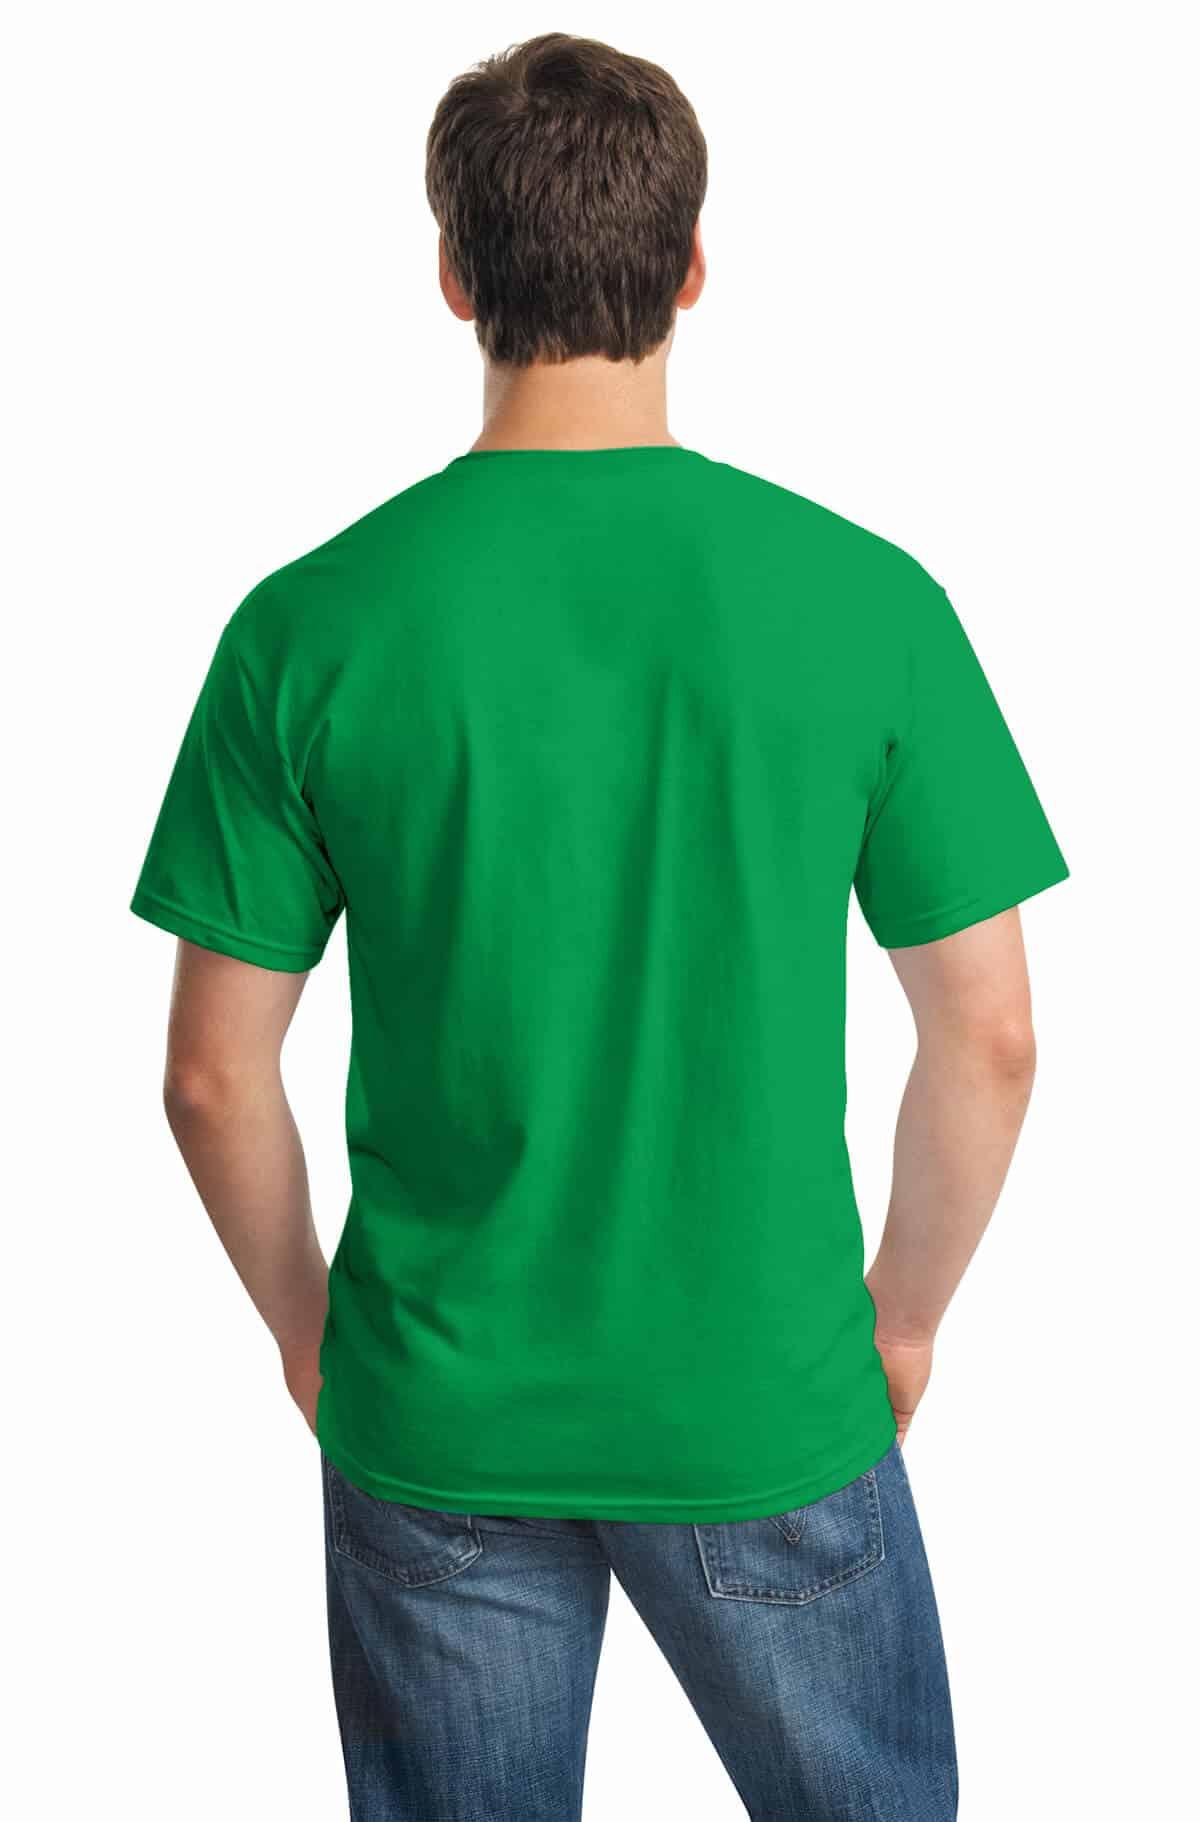 Irish Green Tee Back